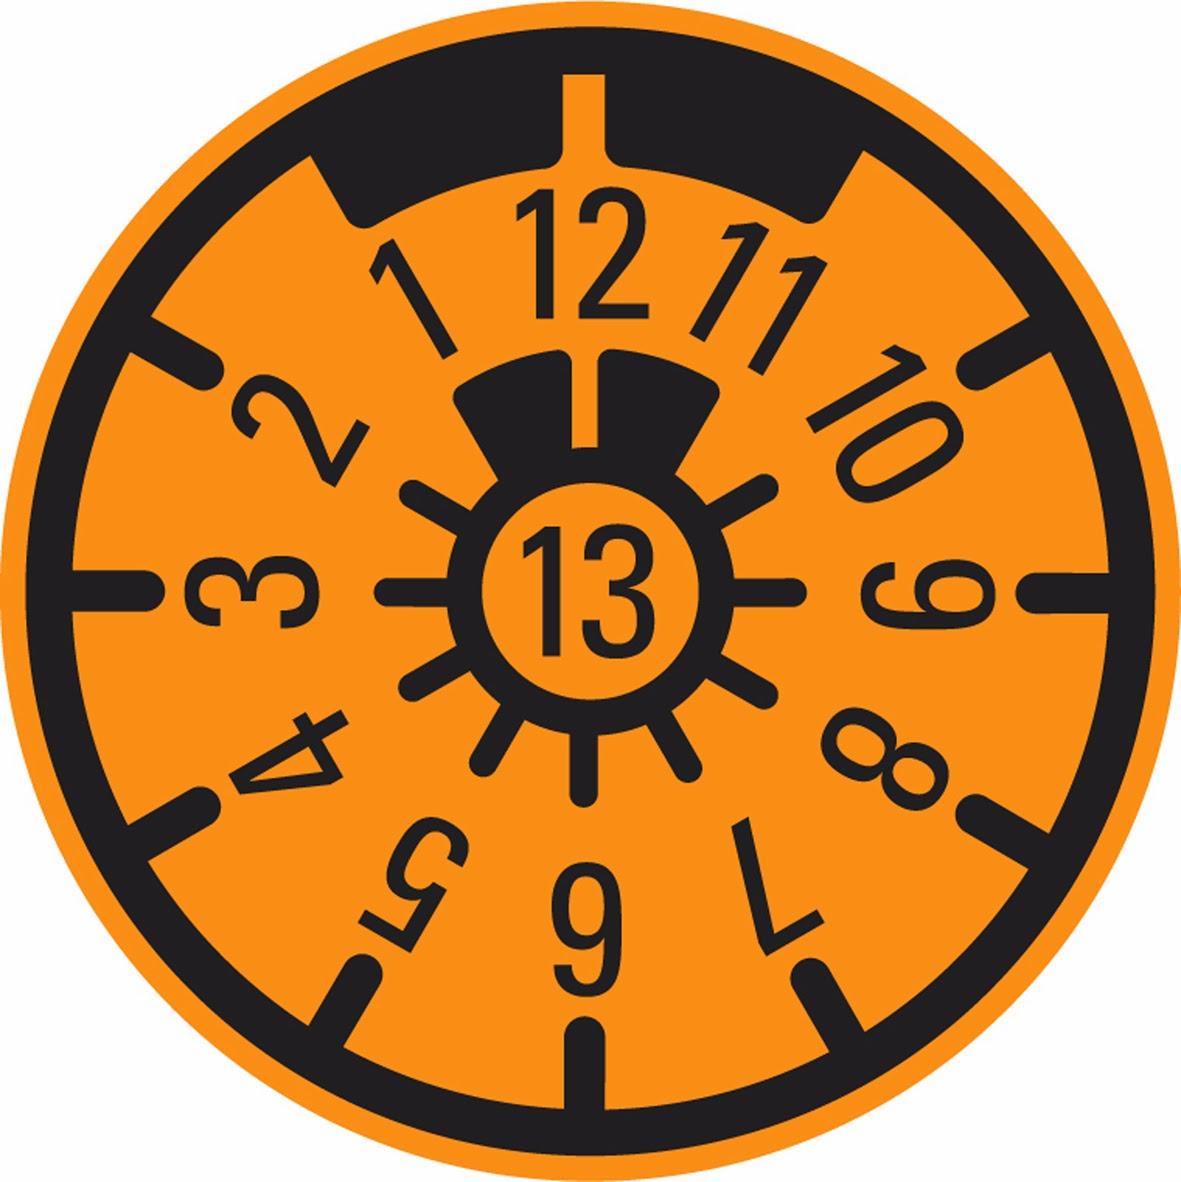 Plakette Auf Dem Nummernschild Orange Dann Schnell Zu Tuv Sud